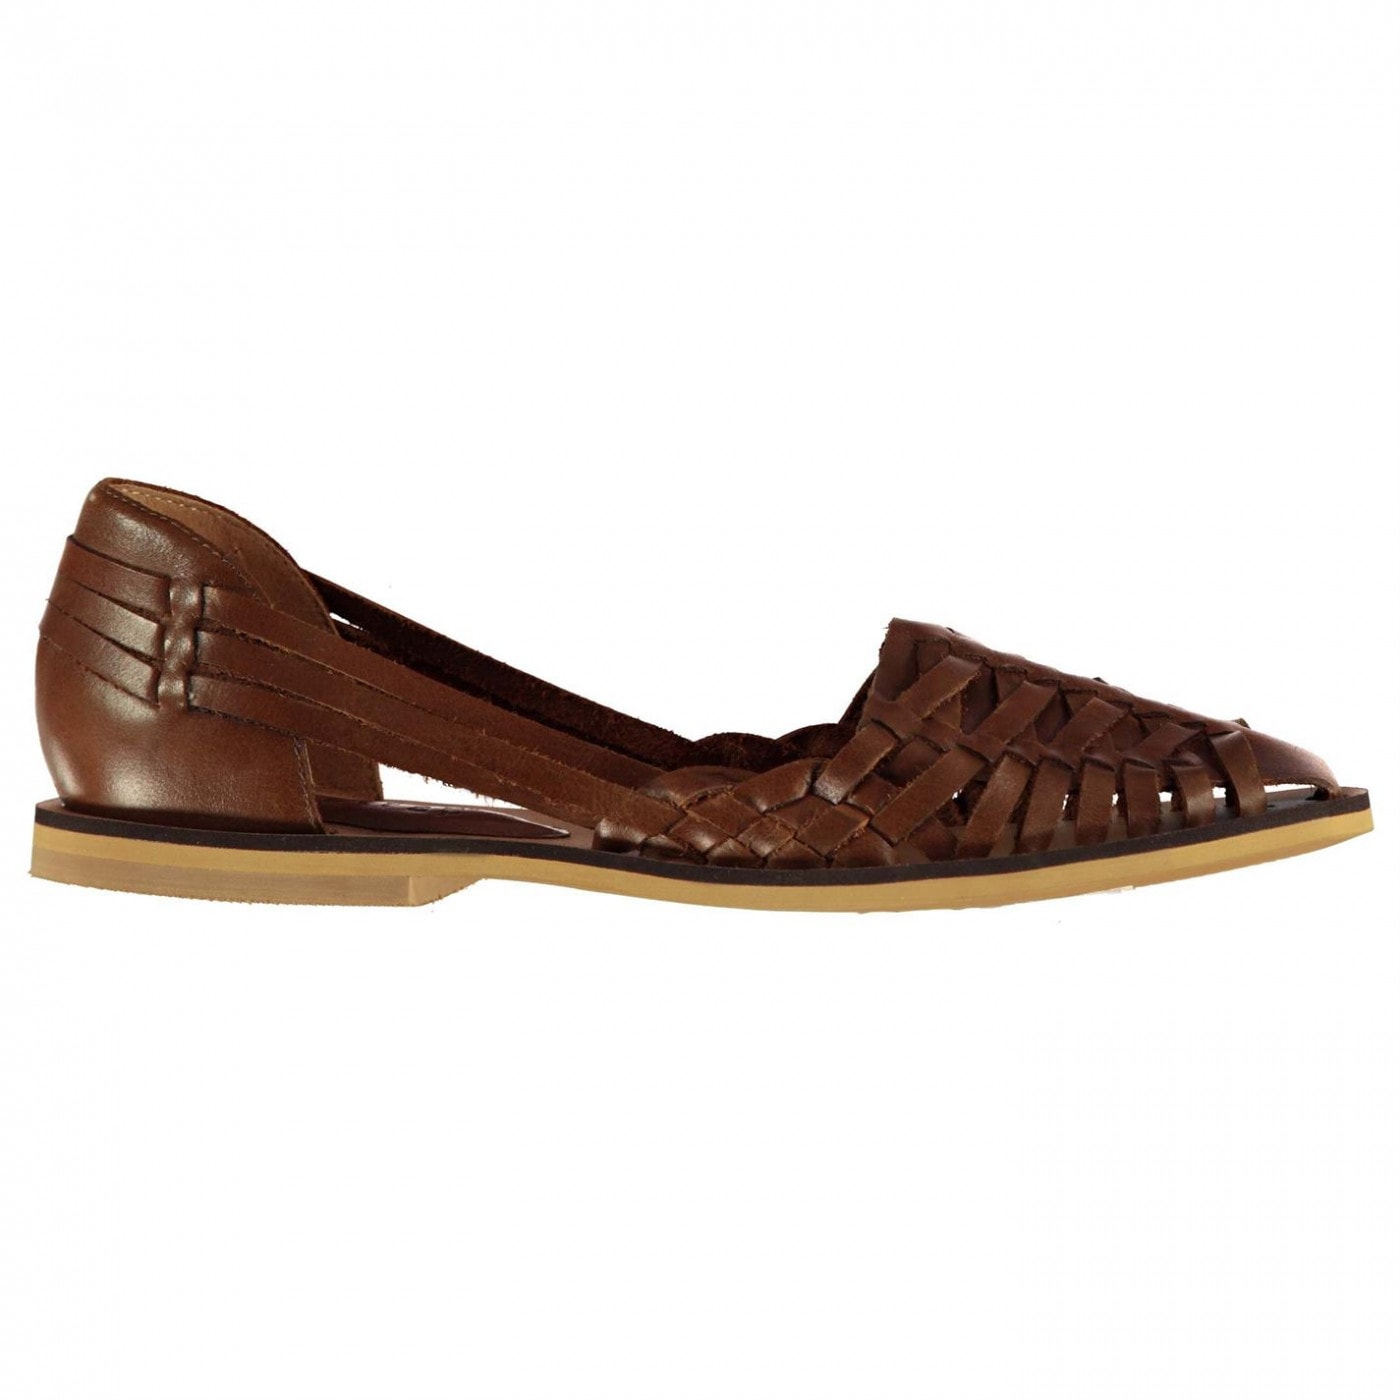 Firetrap Gwen Womens Woven Sandals